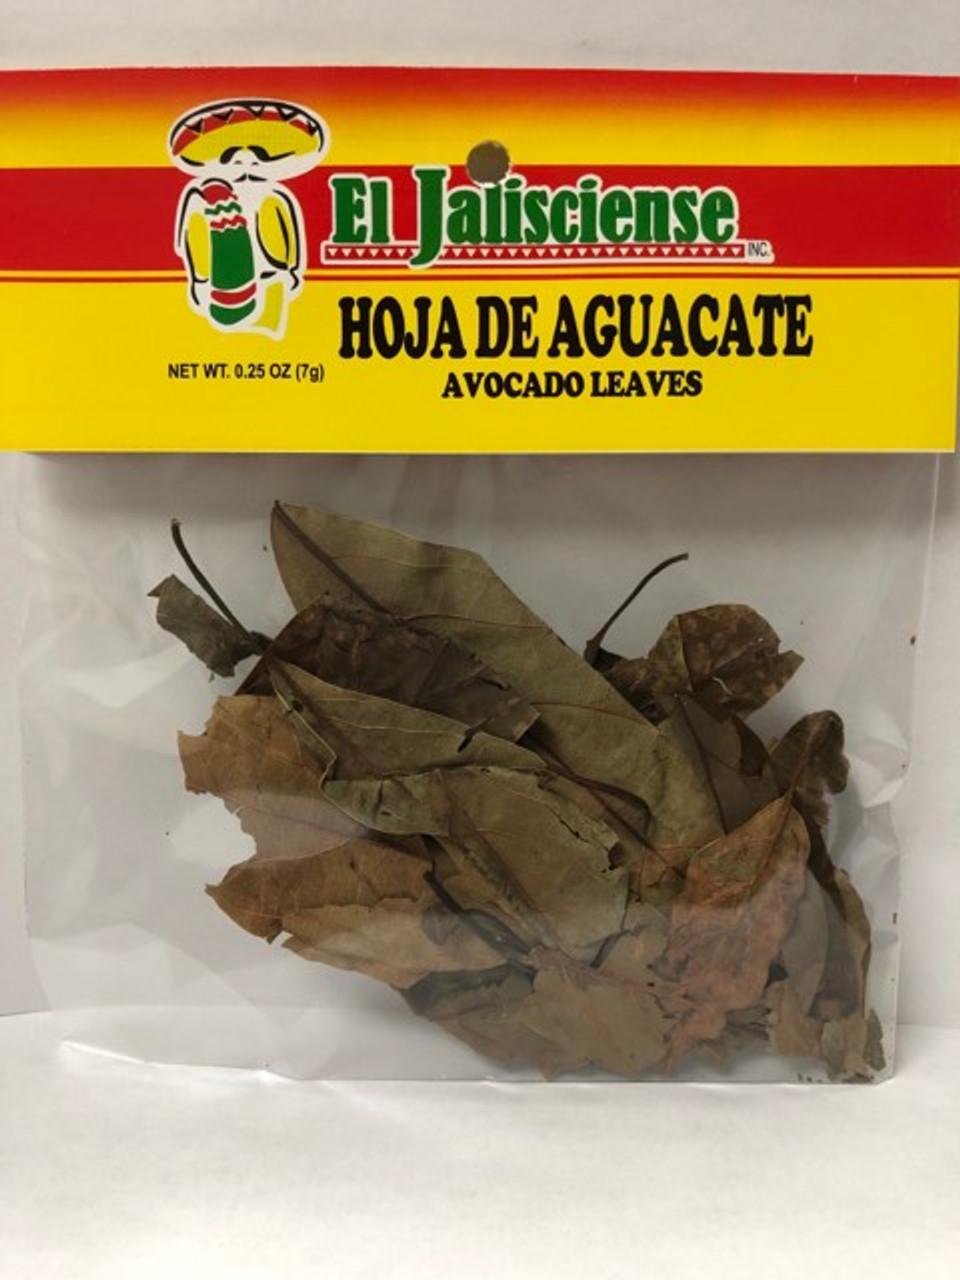 El Jalisciense Hoja de Aguacate/Avocado Leaves Dozen